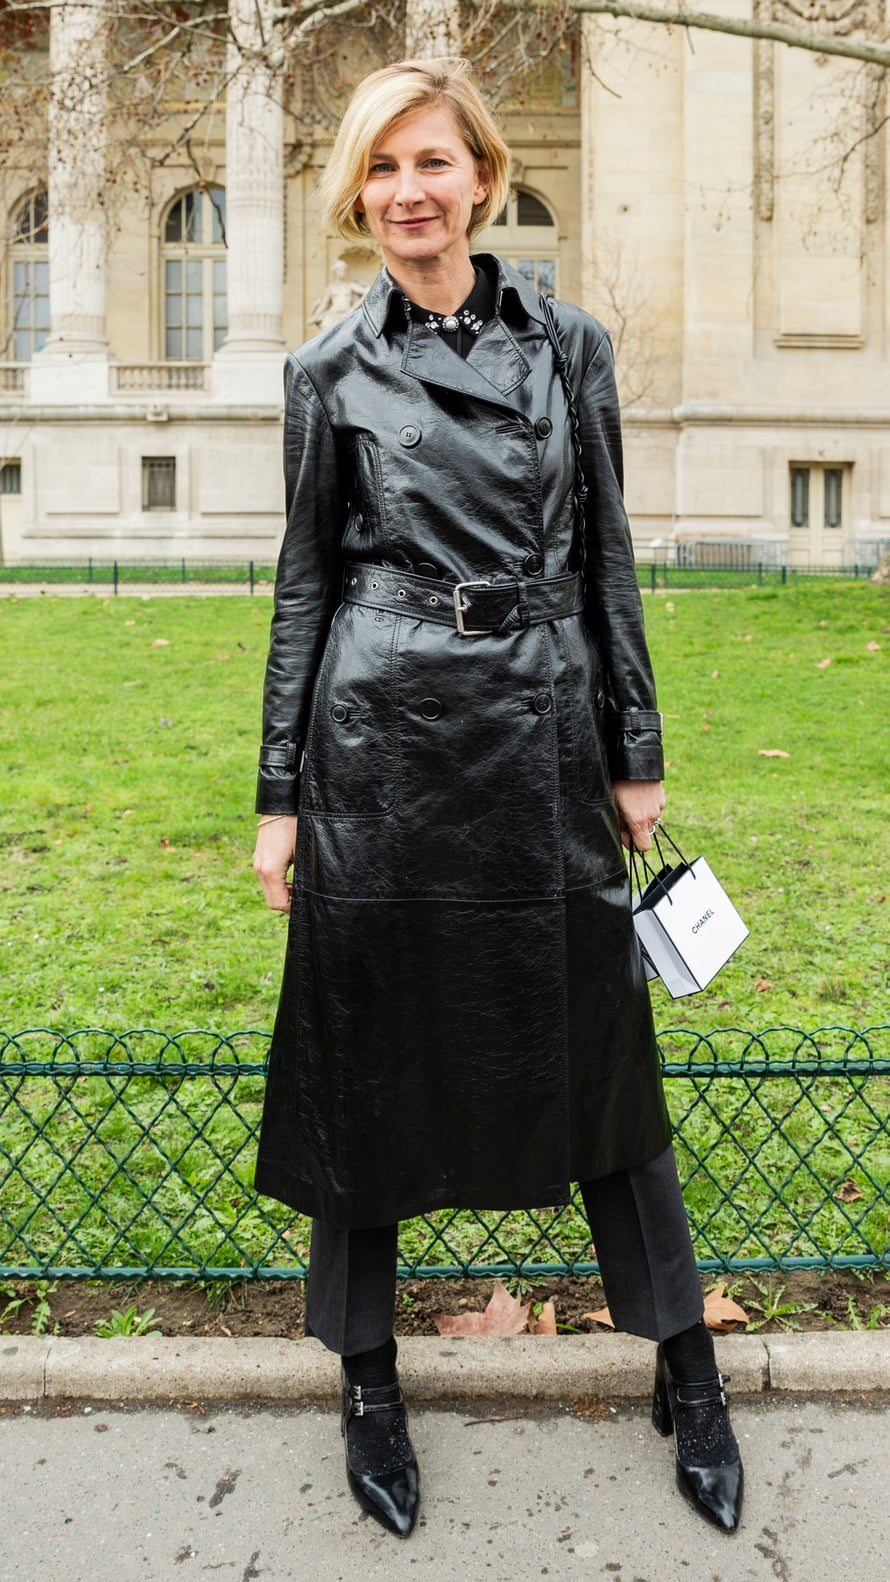 Pitkä, musta nahkatakki – parhaimpaan 70-luvun tyyliin – on taas trendikäs.